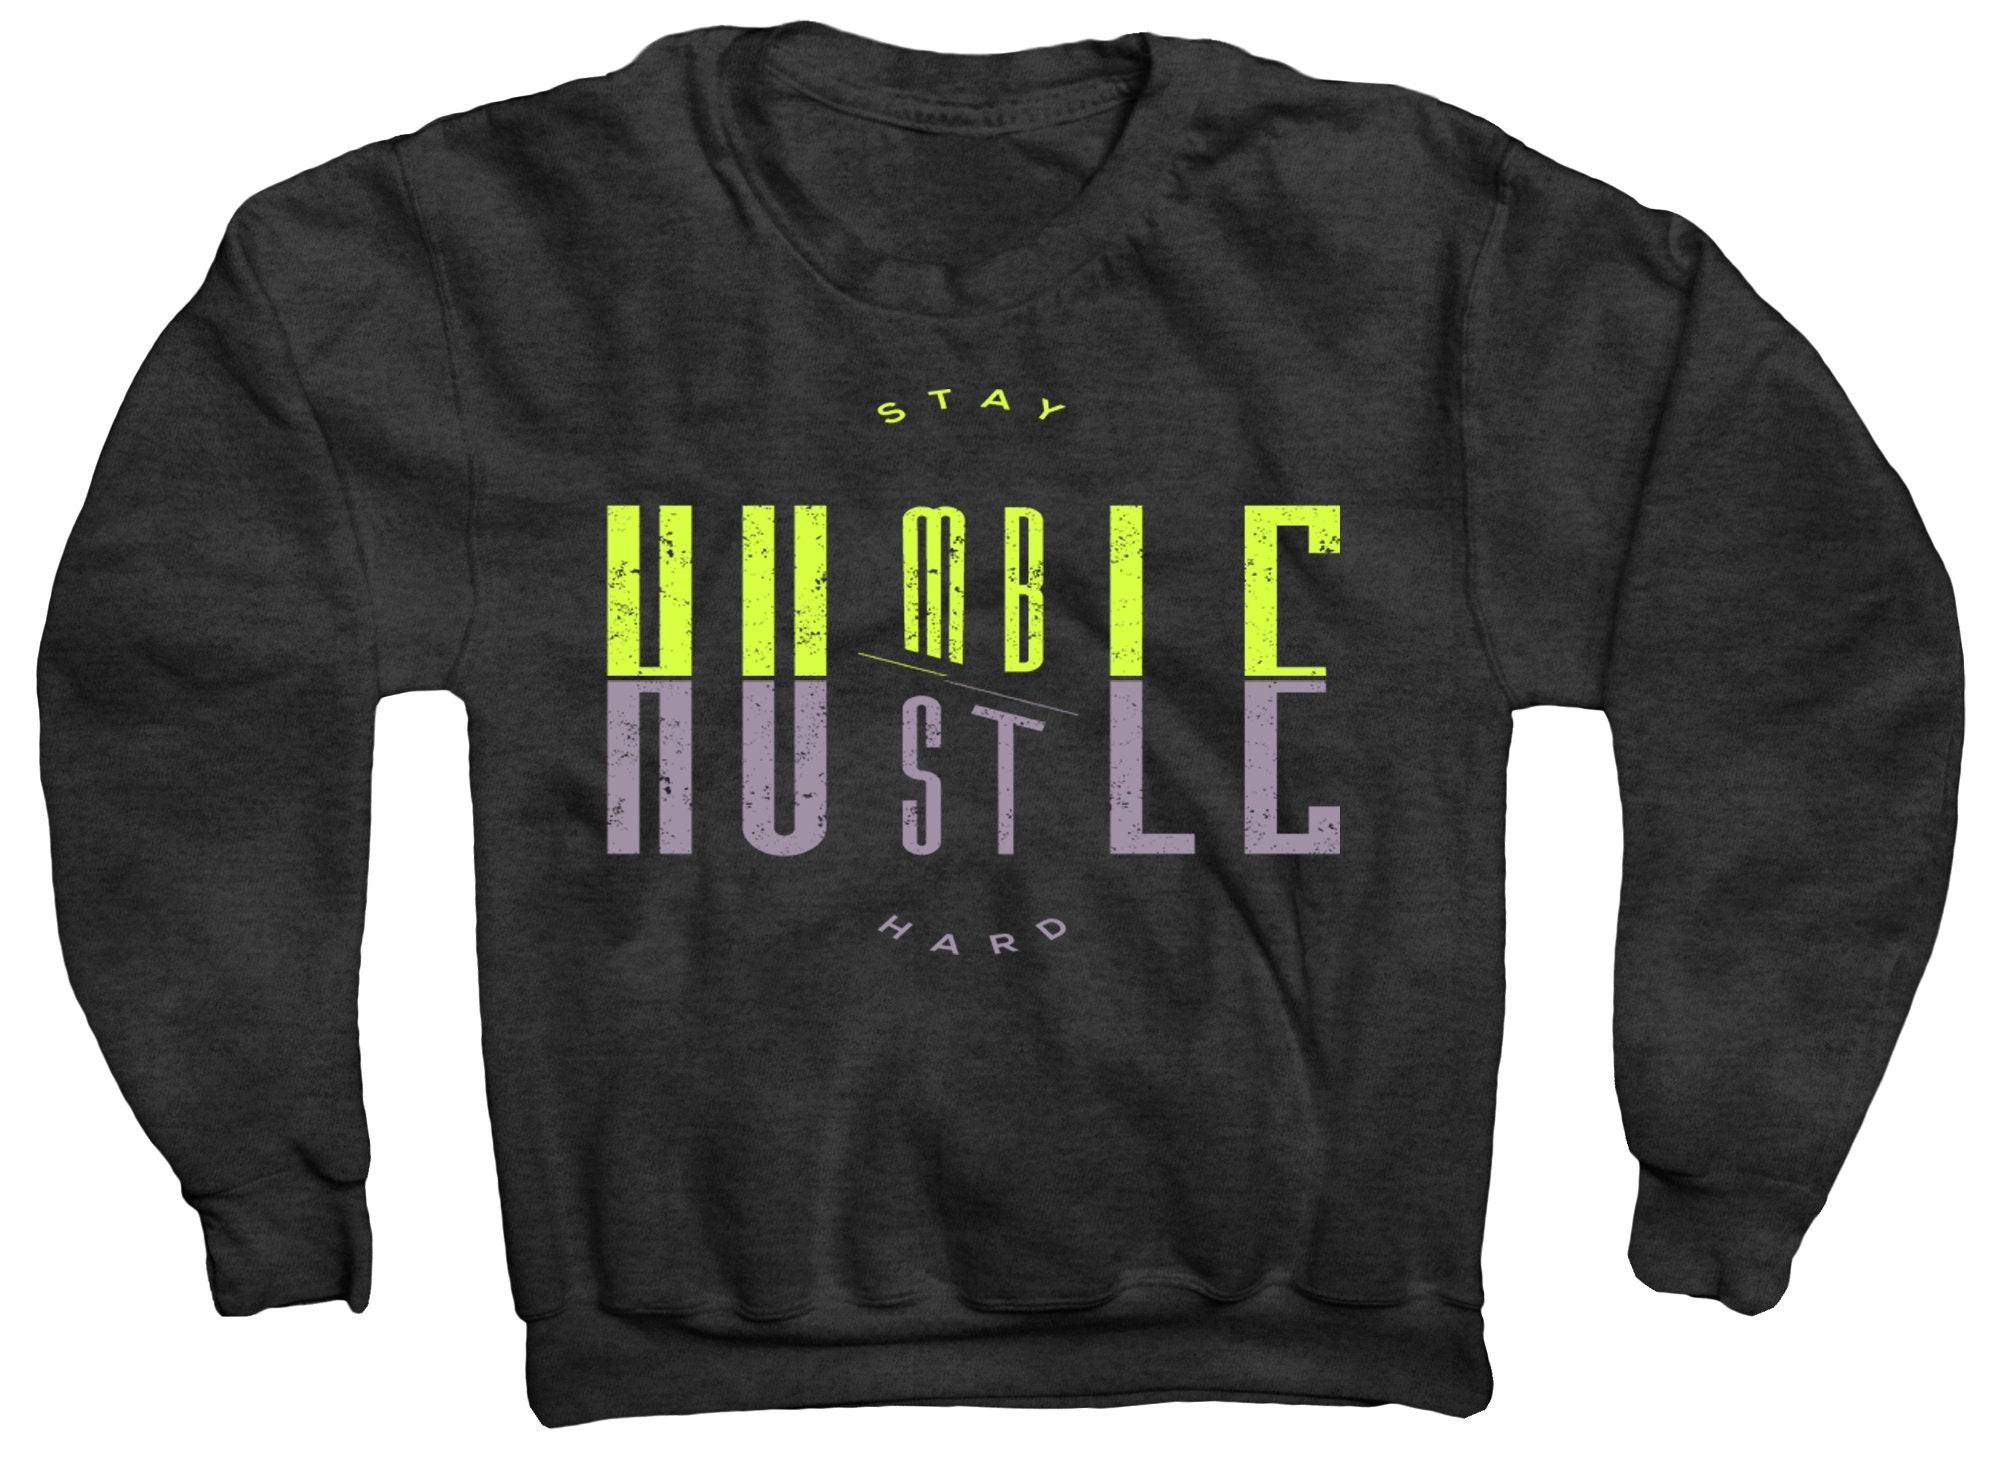 04de54acef60d Humble Sweatshirt Retro In Yeezy 700